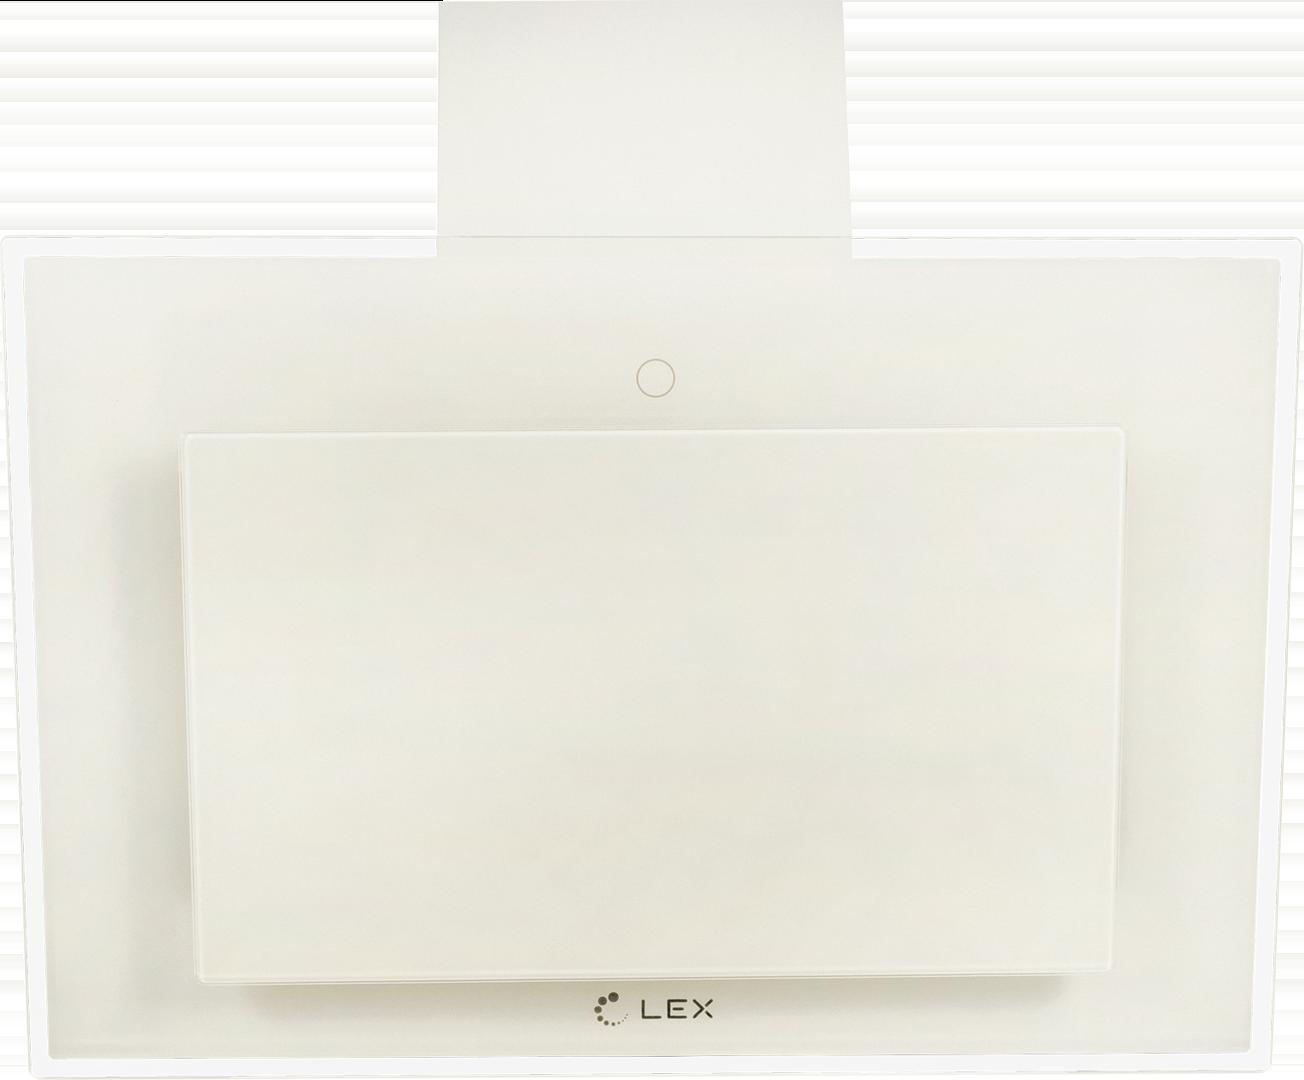 Вытяжка Lex (Лекс) GS Bloc Light 600 White с доставкой по ...